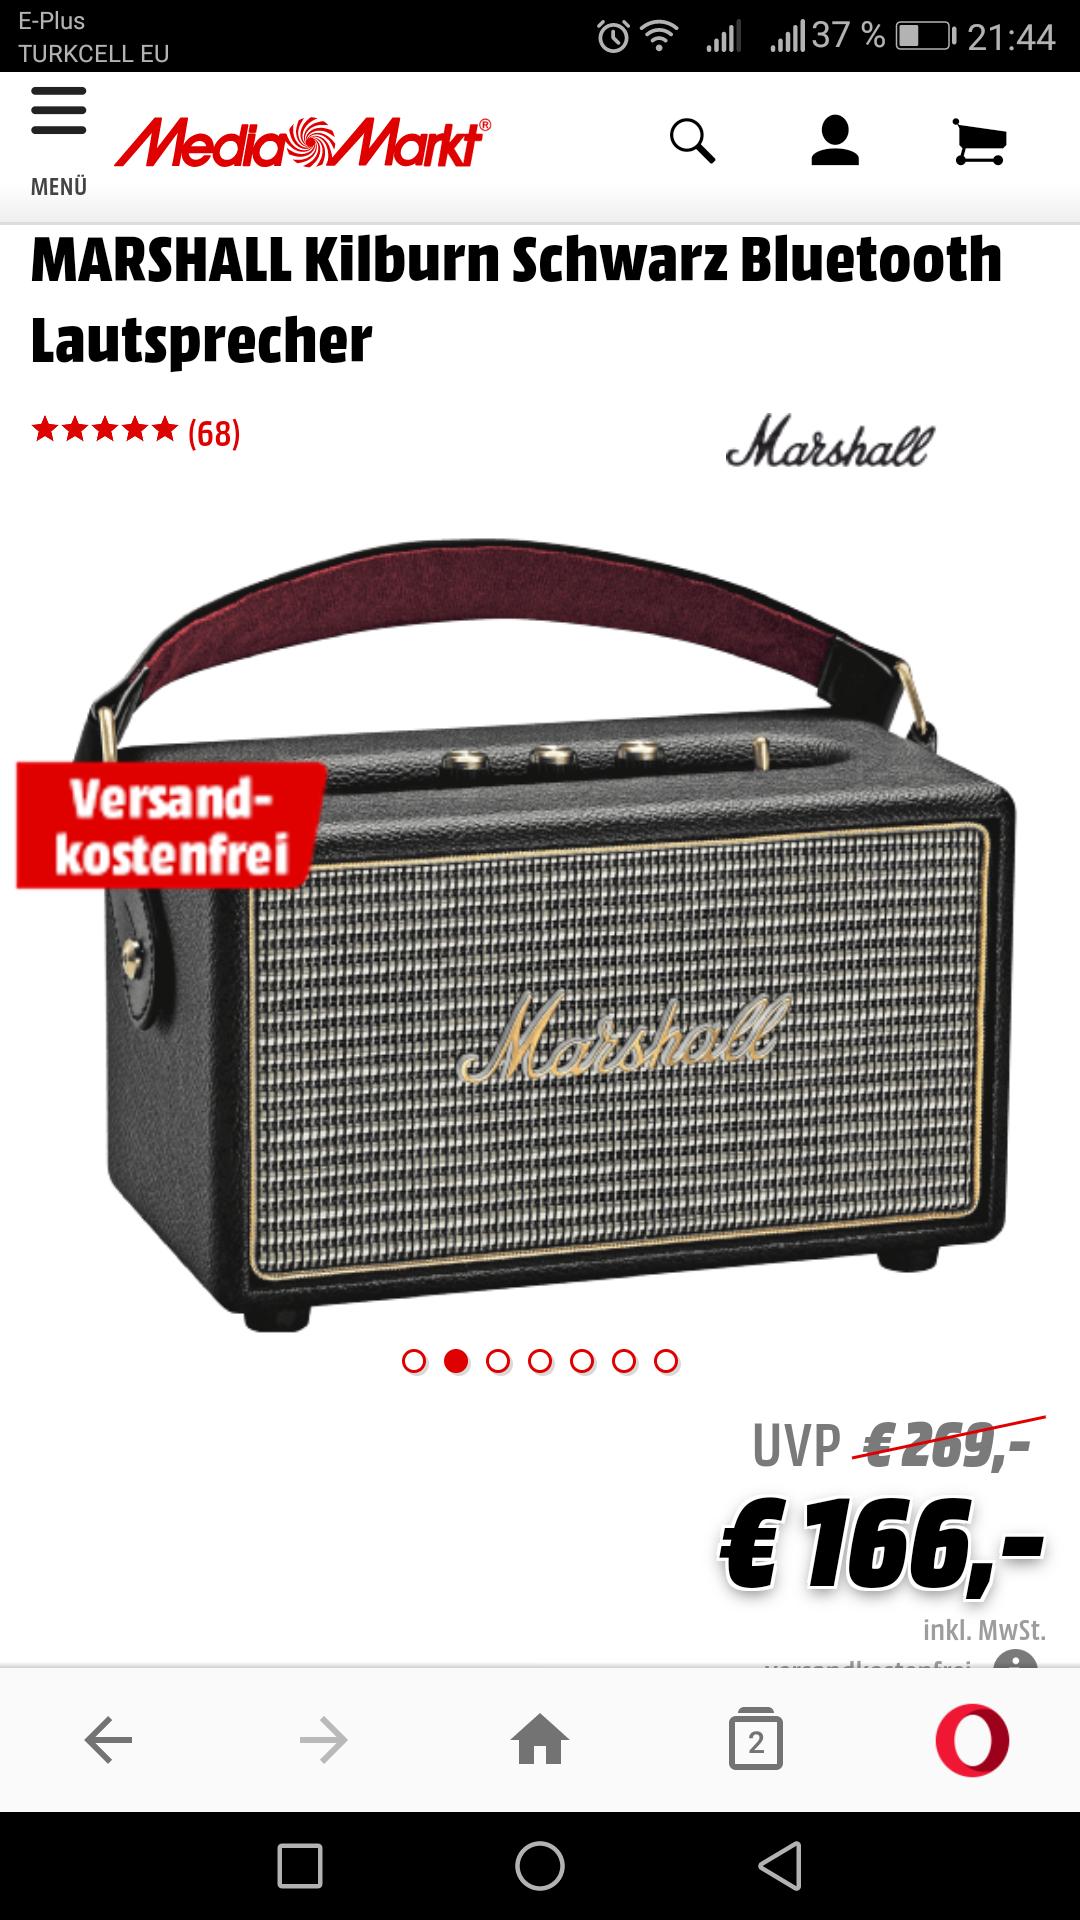 [Media Markt Online] Marshall Killburn Bluetooth Lautsprecher in Schwarz oder Cream / Versandkostenfrei